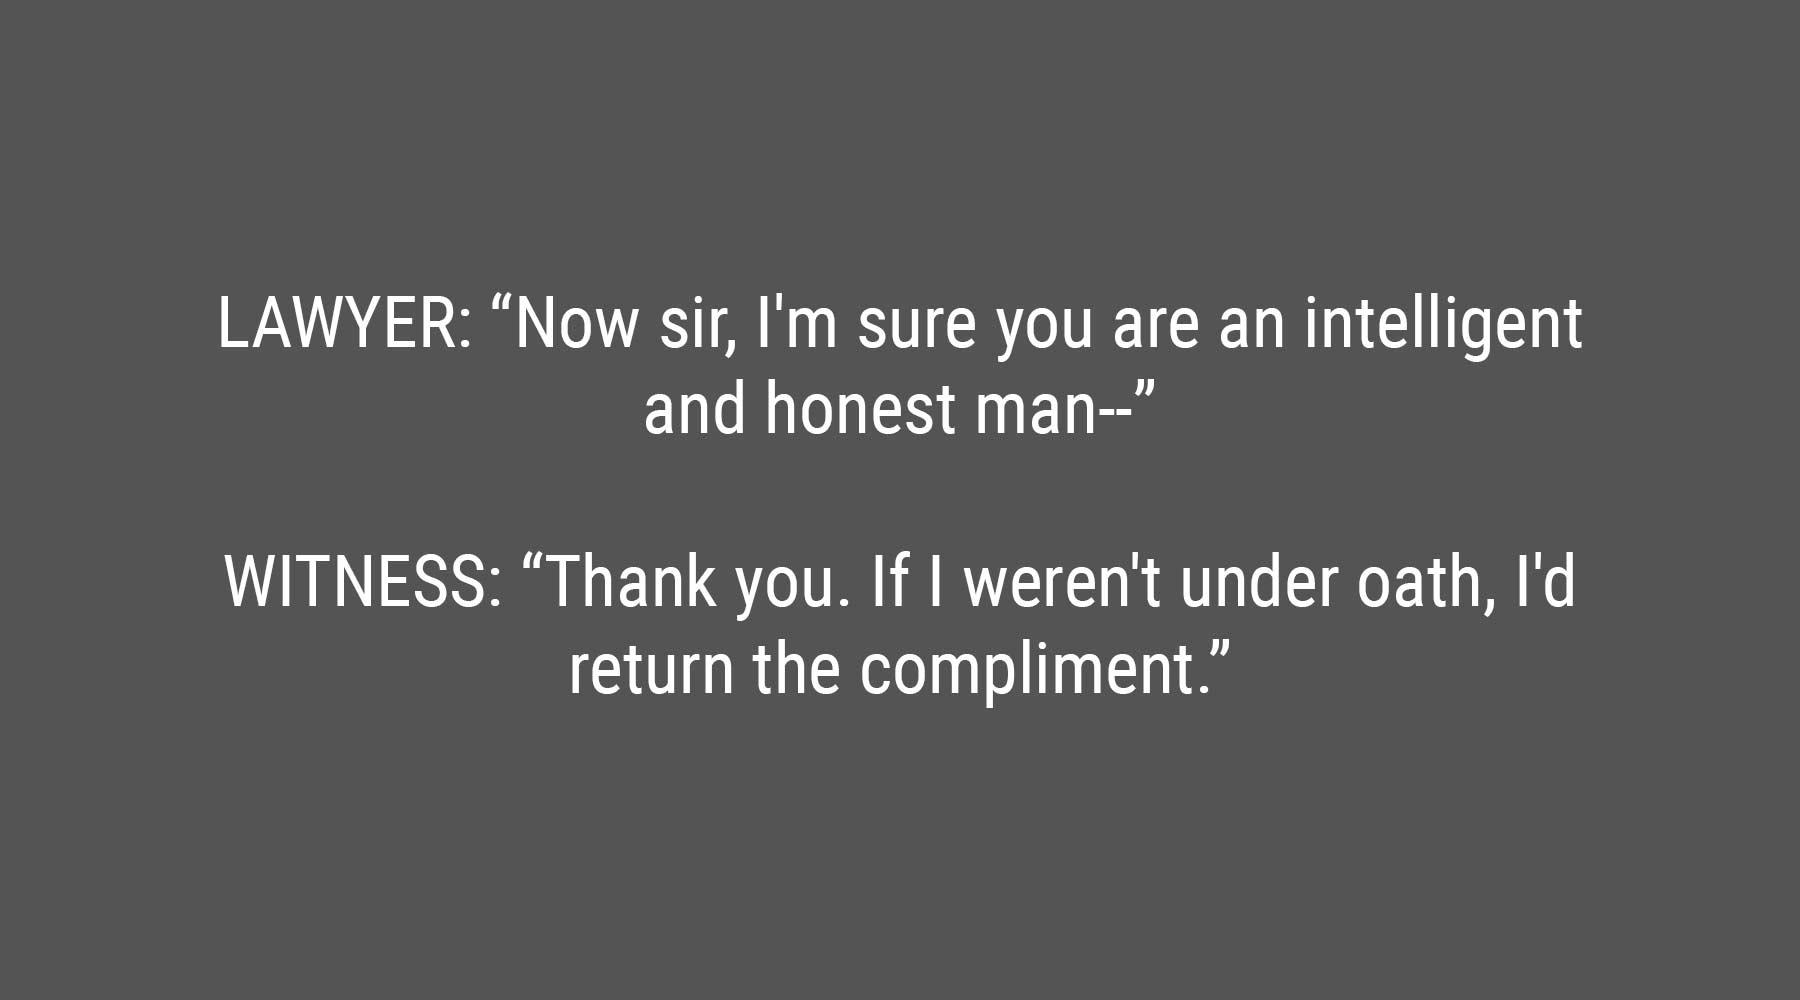 Die lustigsten Dialoge, die vor Gericht gesprochen wurden lustige-dialoge-vor-gericht